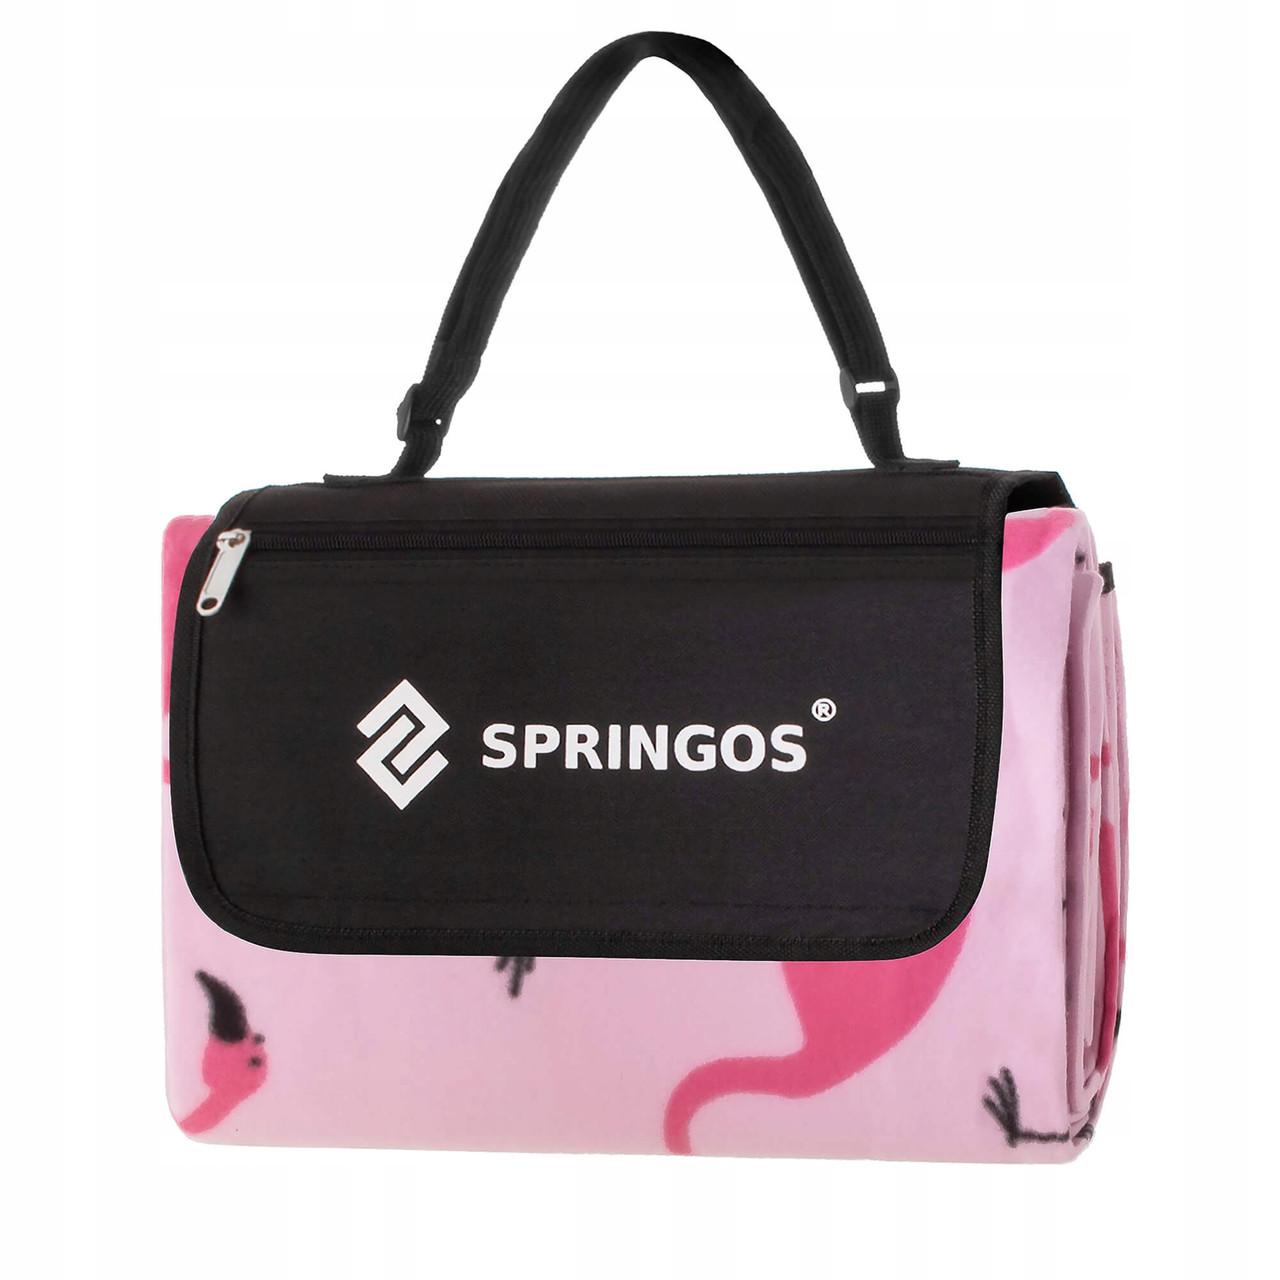 Коврик для пикника и кемпинга складной Springos 180 x 150 см PM013